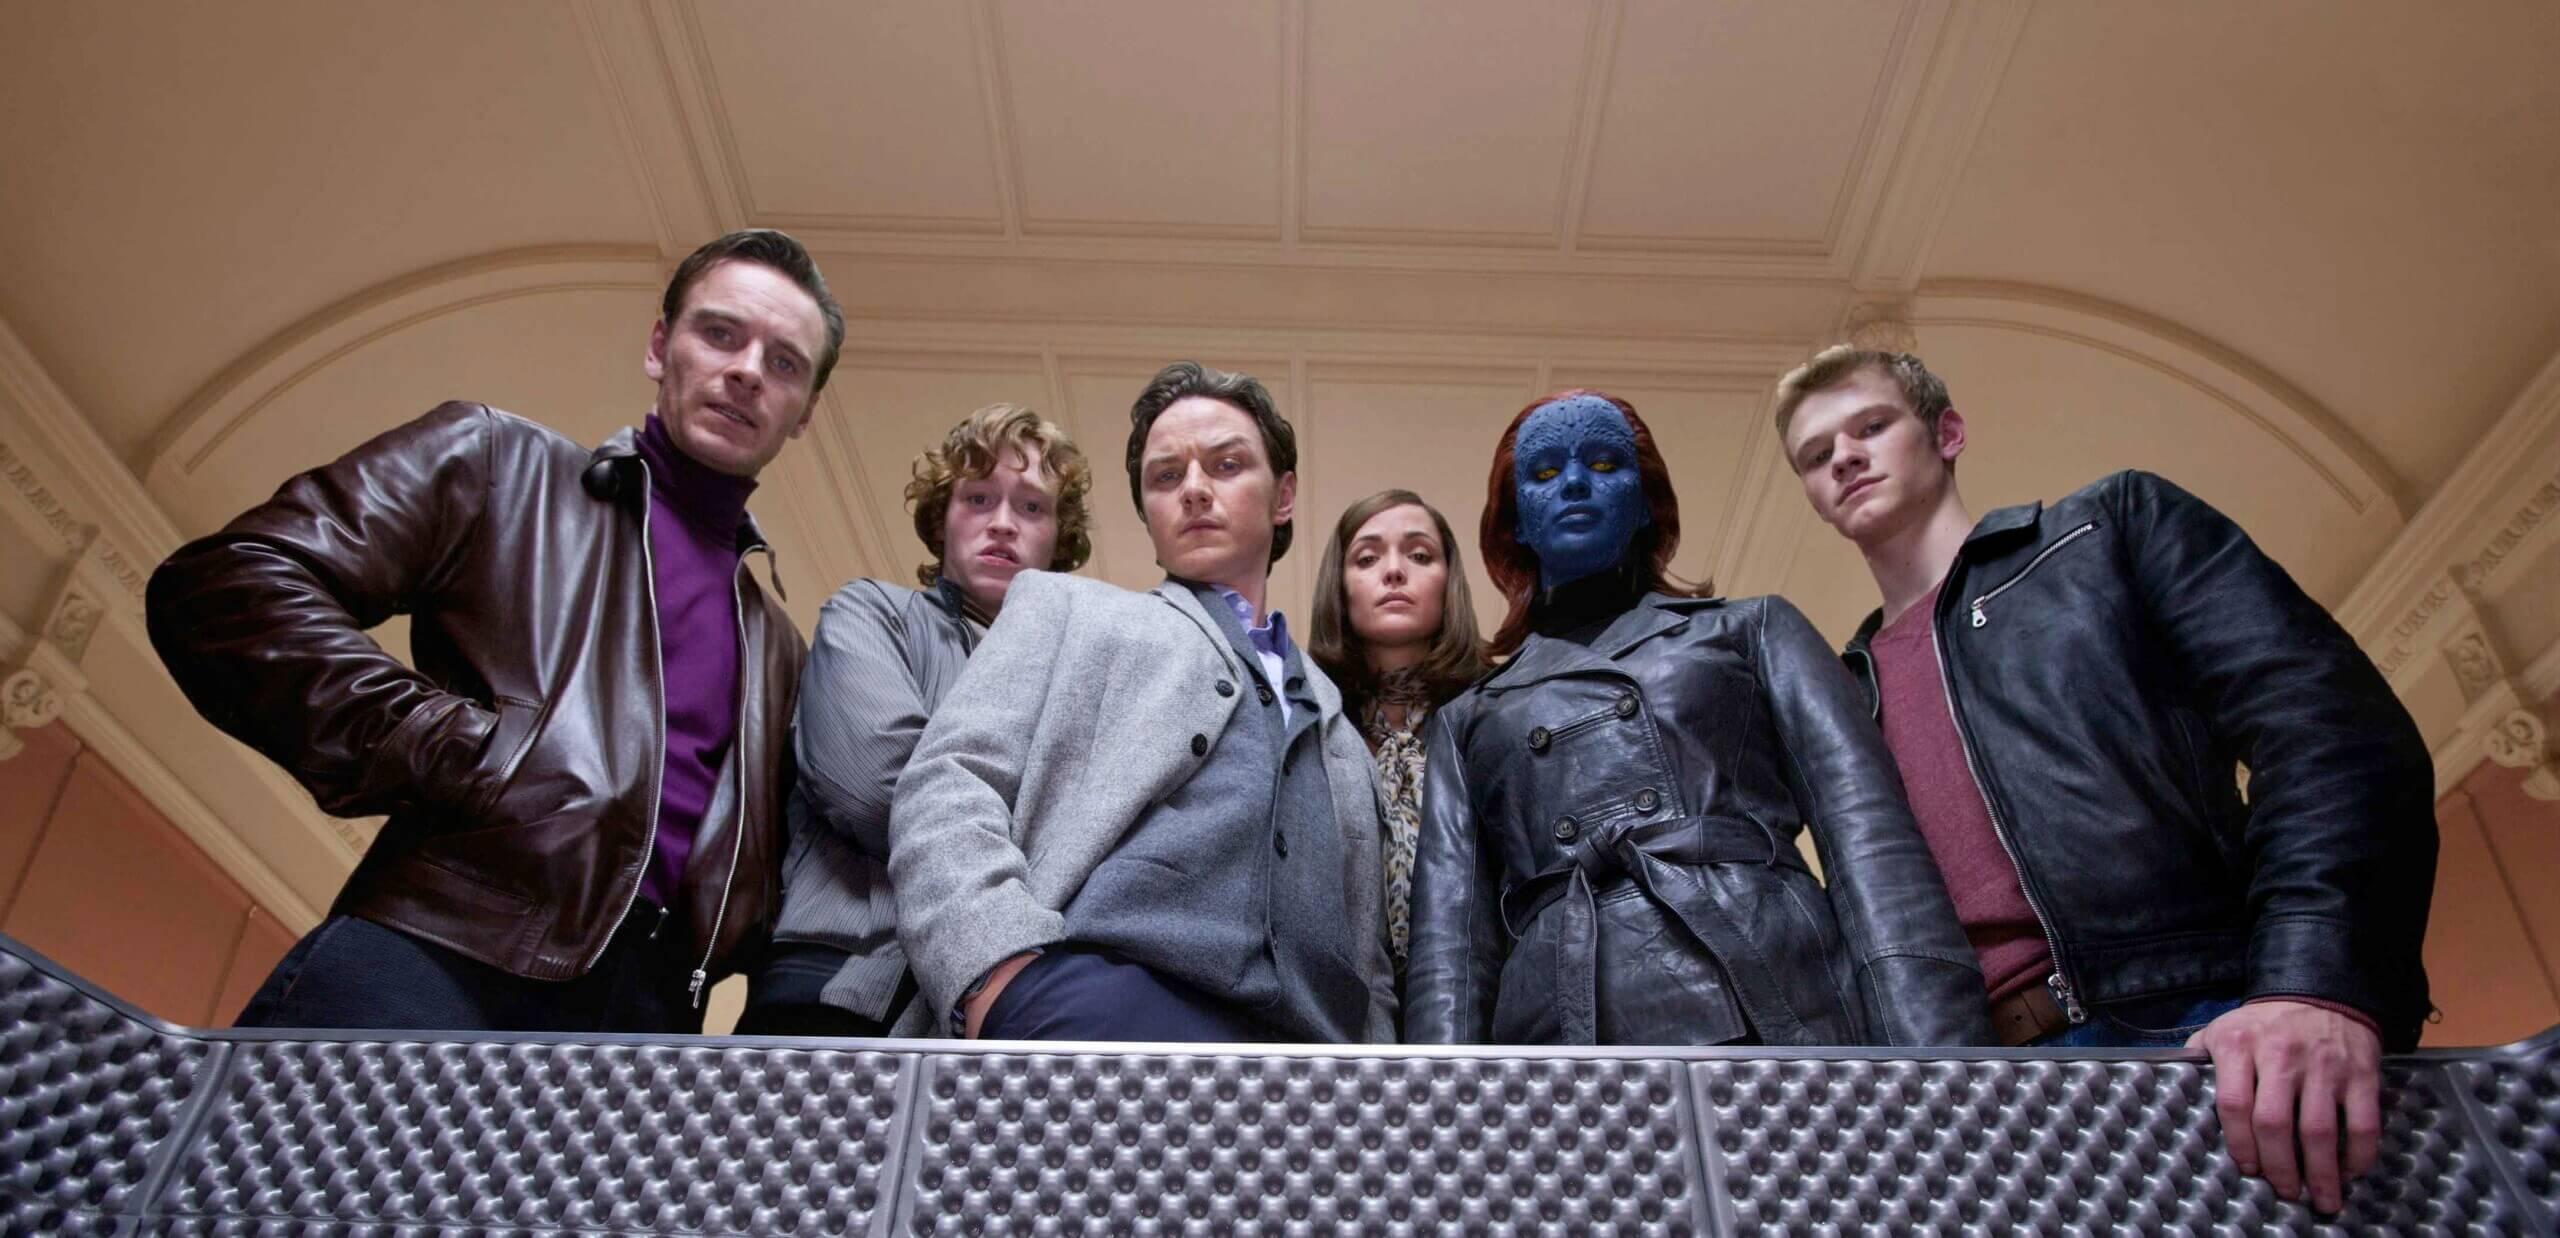 X-Men-First-Class-2011-movie